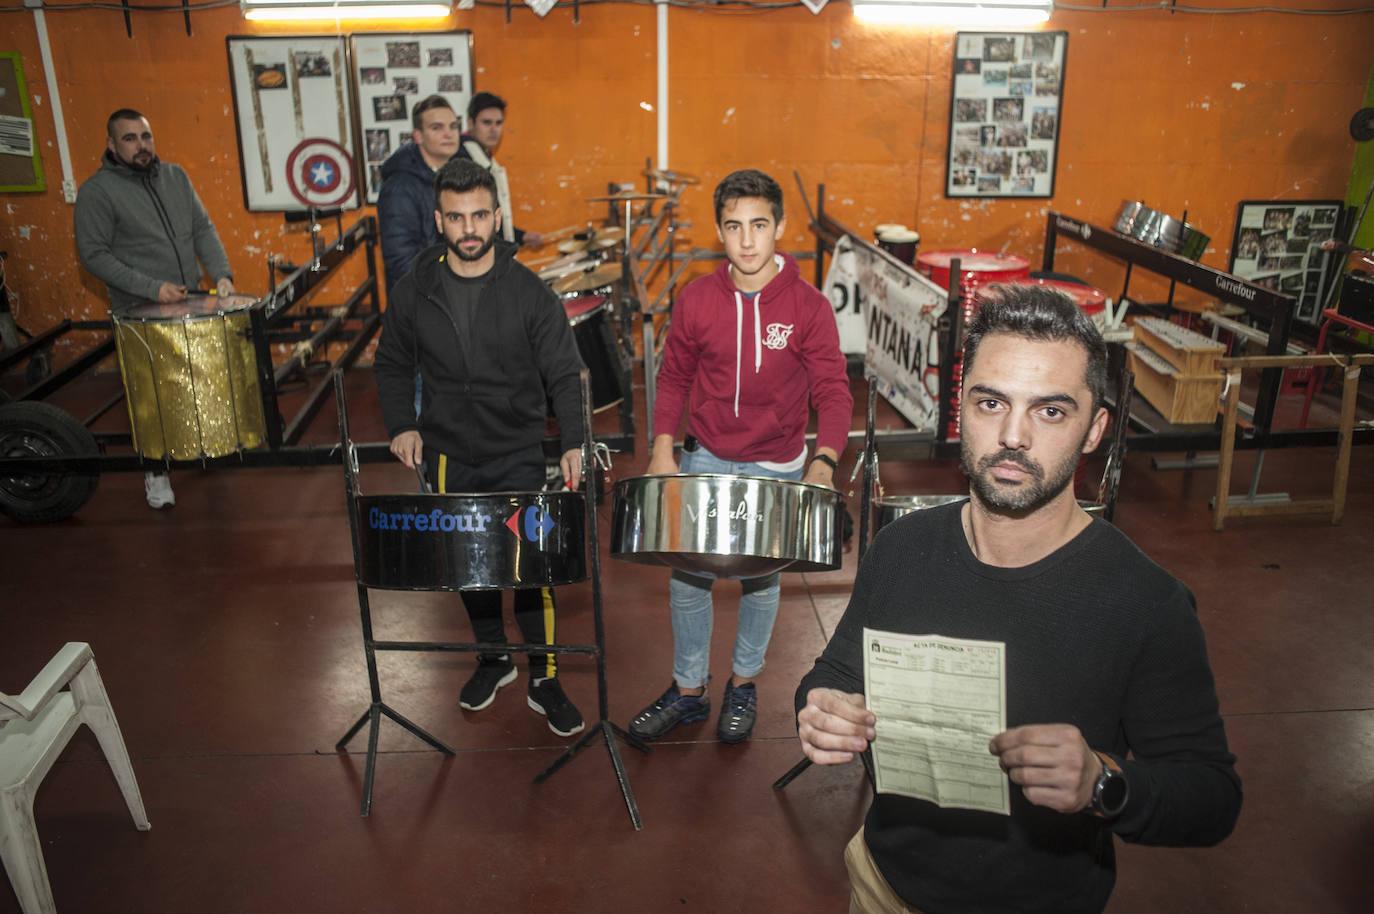 La Policía Local de Badajoz multa a una comparsa durante un ensayo por exceso de ruido